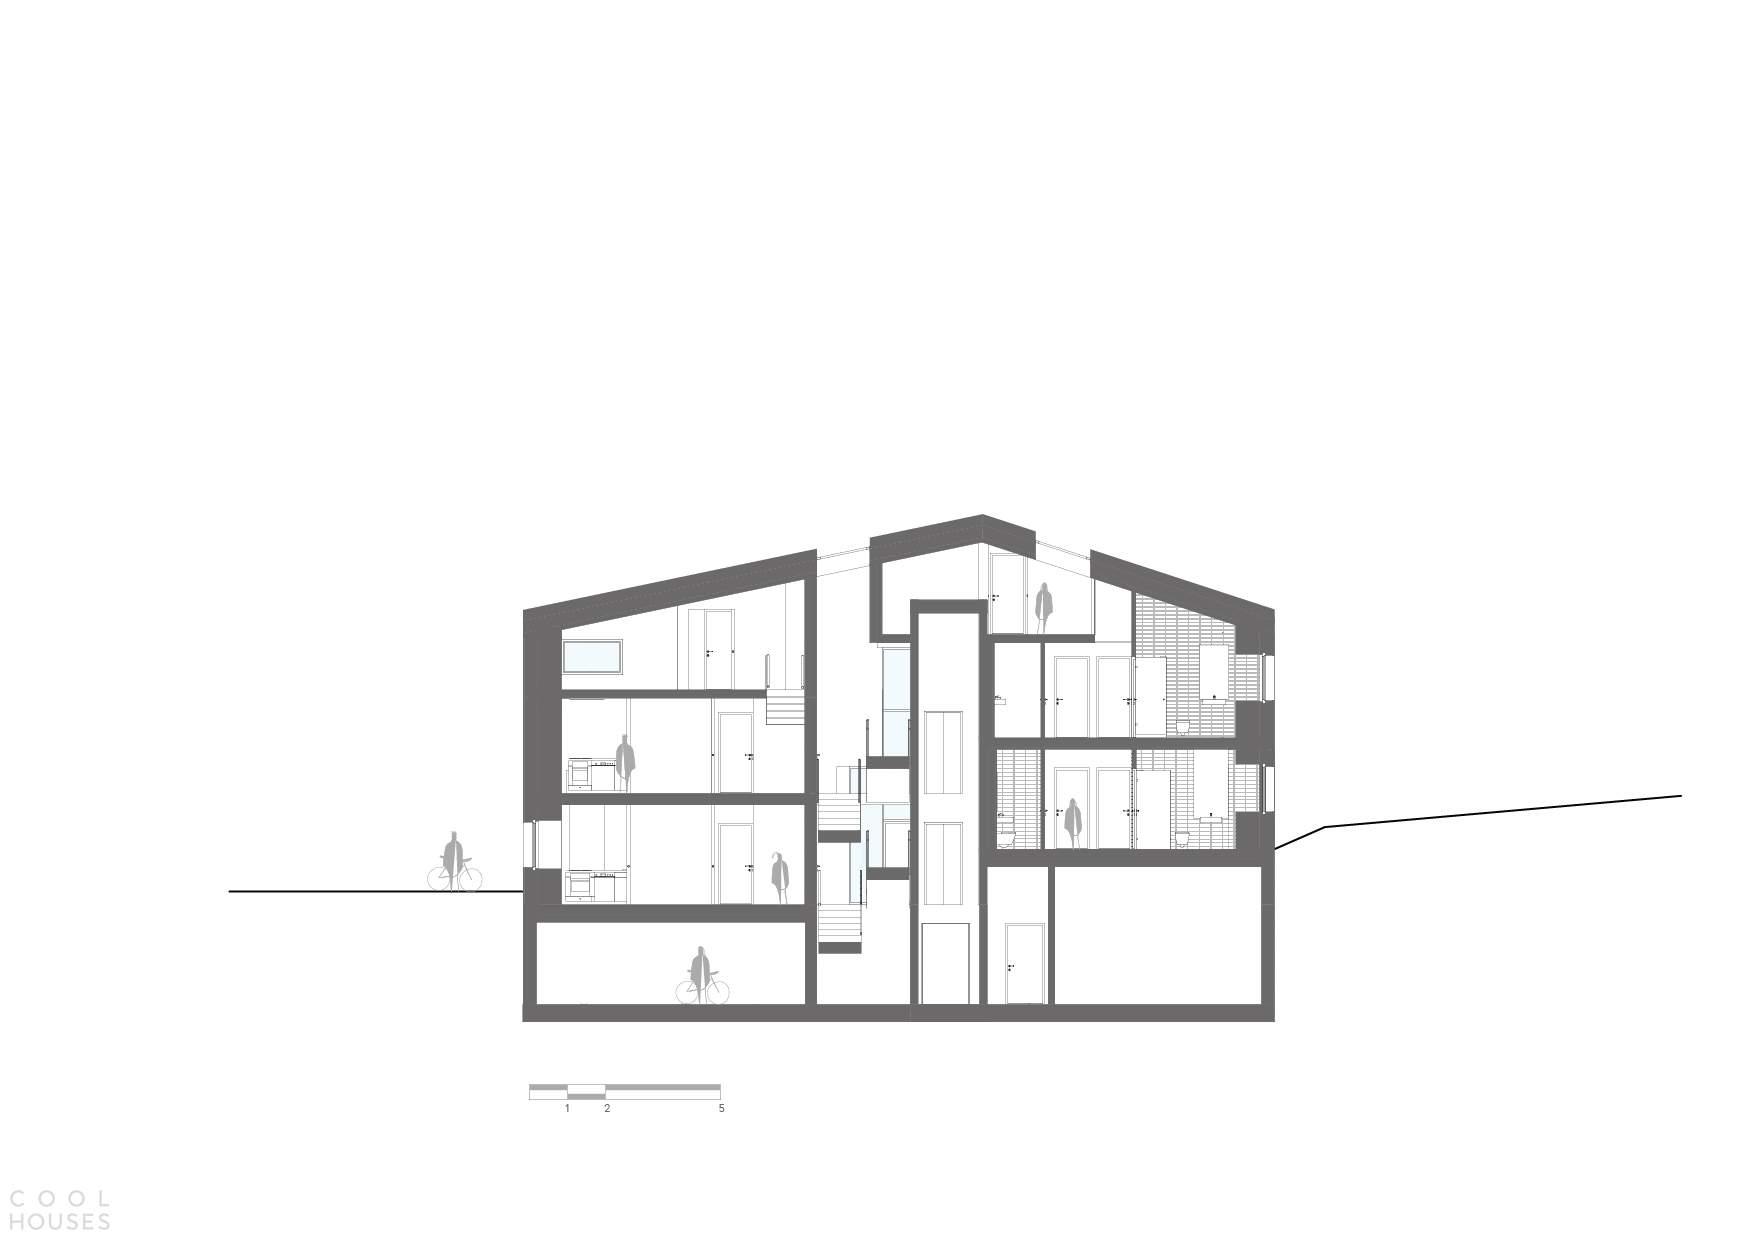 Жилой комплекс Villa Faun в Осло, Норвегия